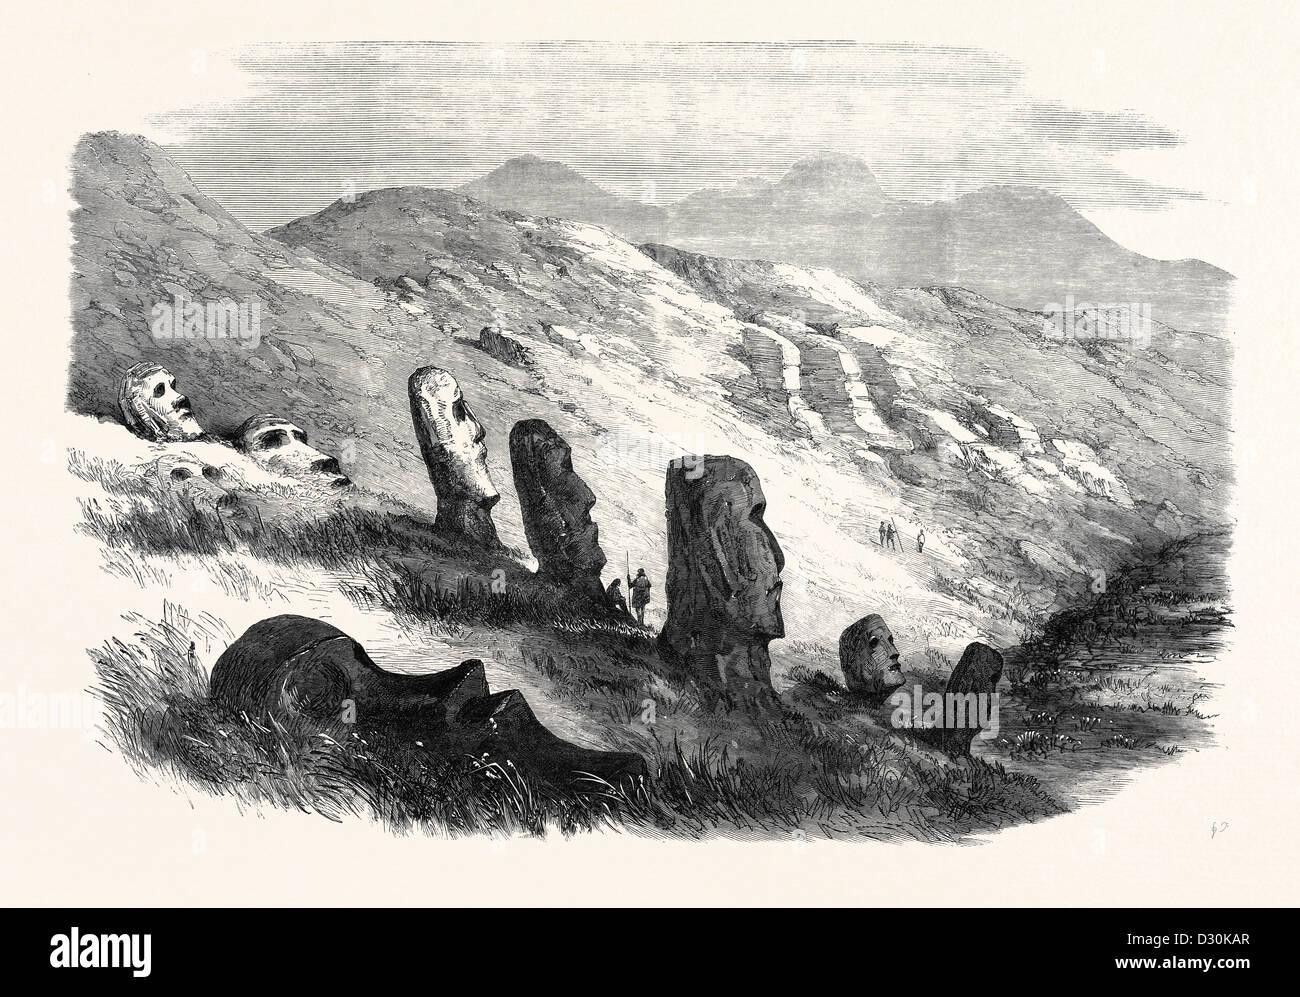 Gruppo di immagini all'interno del cratere di OTUITI Isola di Pasqua 1869 Immagini Stock